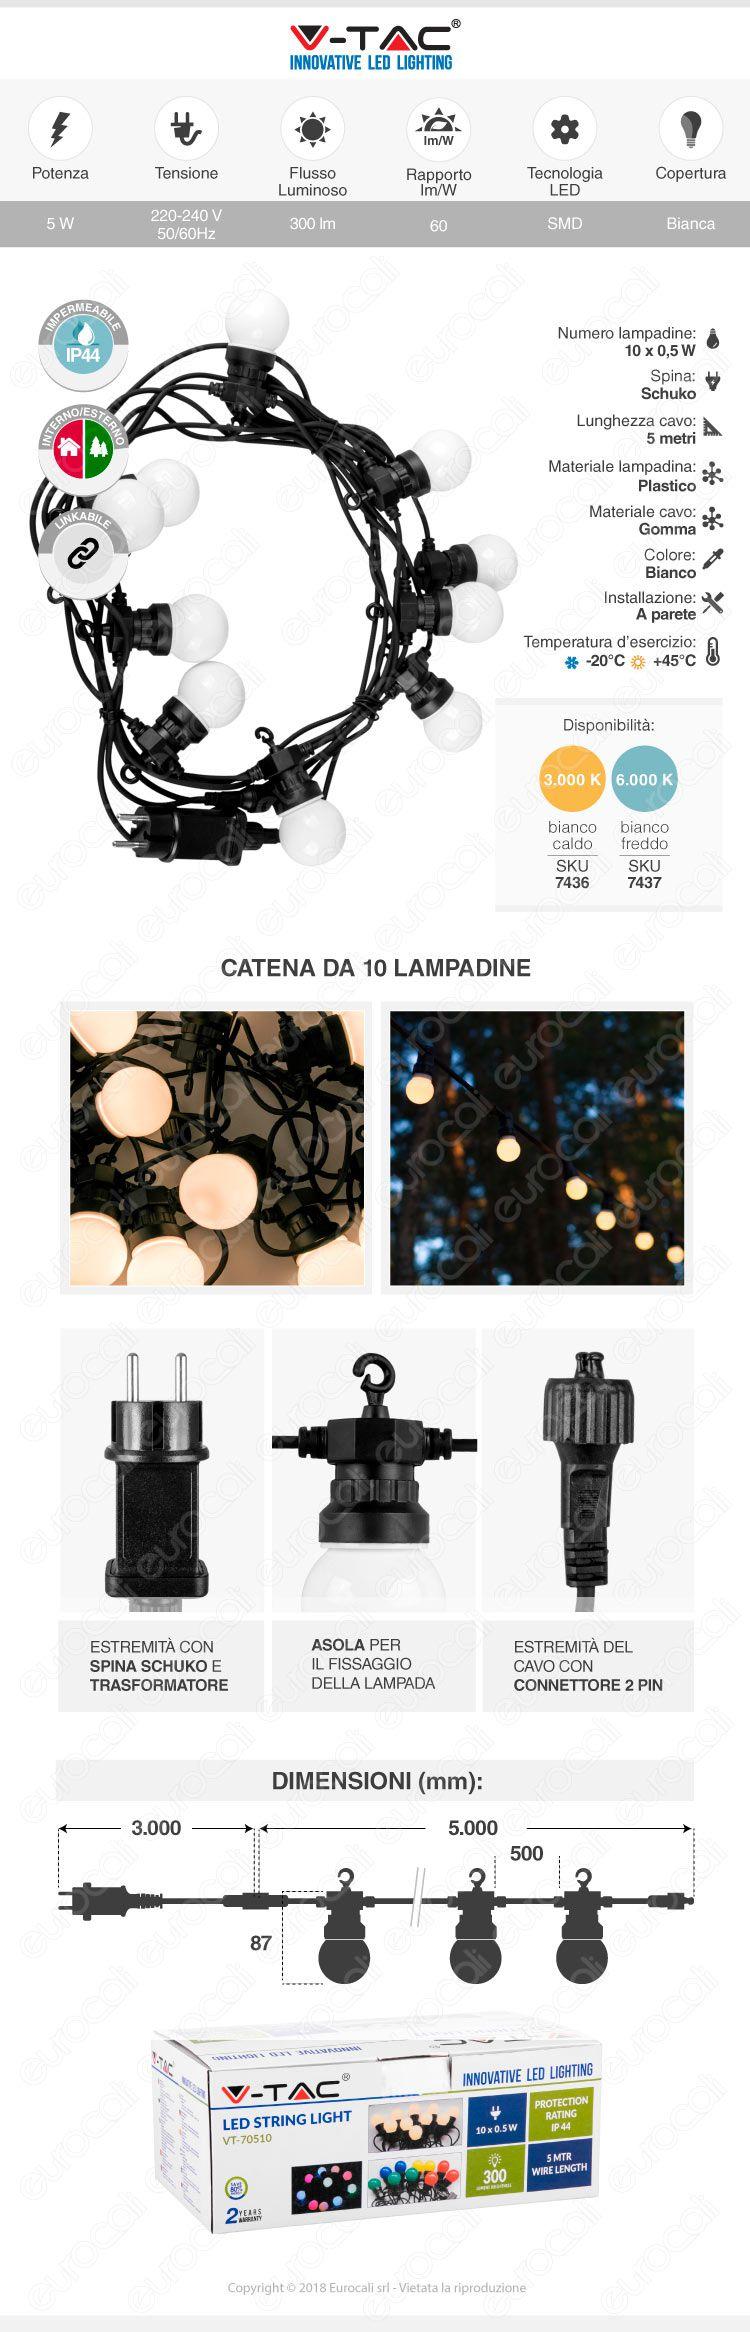 catena lampadine LED V-tac VT-70510